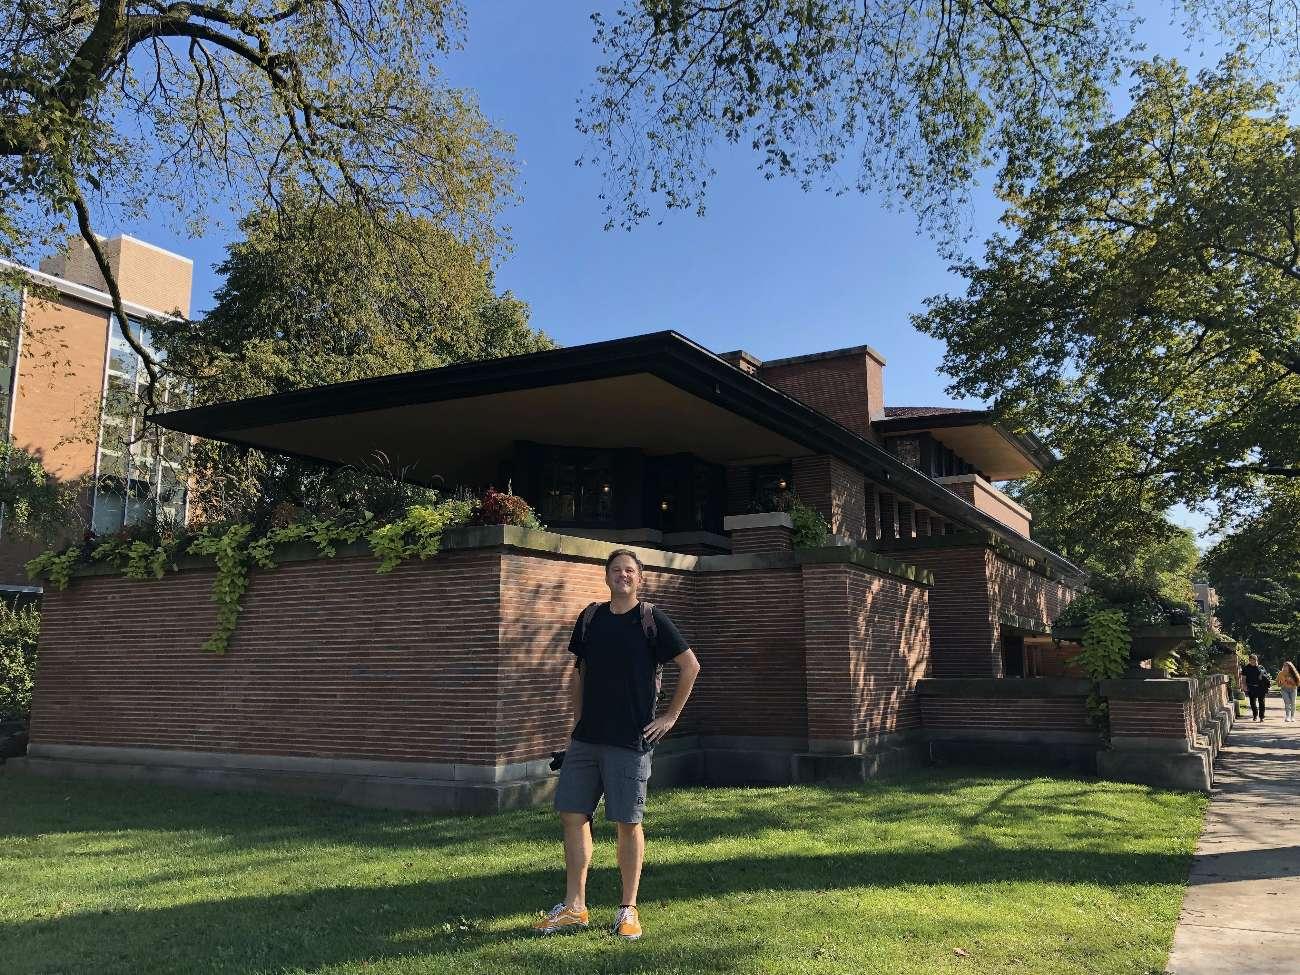 Autor Ralf Johnen vor Frank Lloyd Wrights Robie House in Chicago